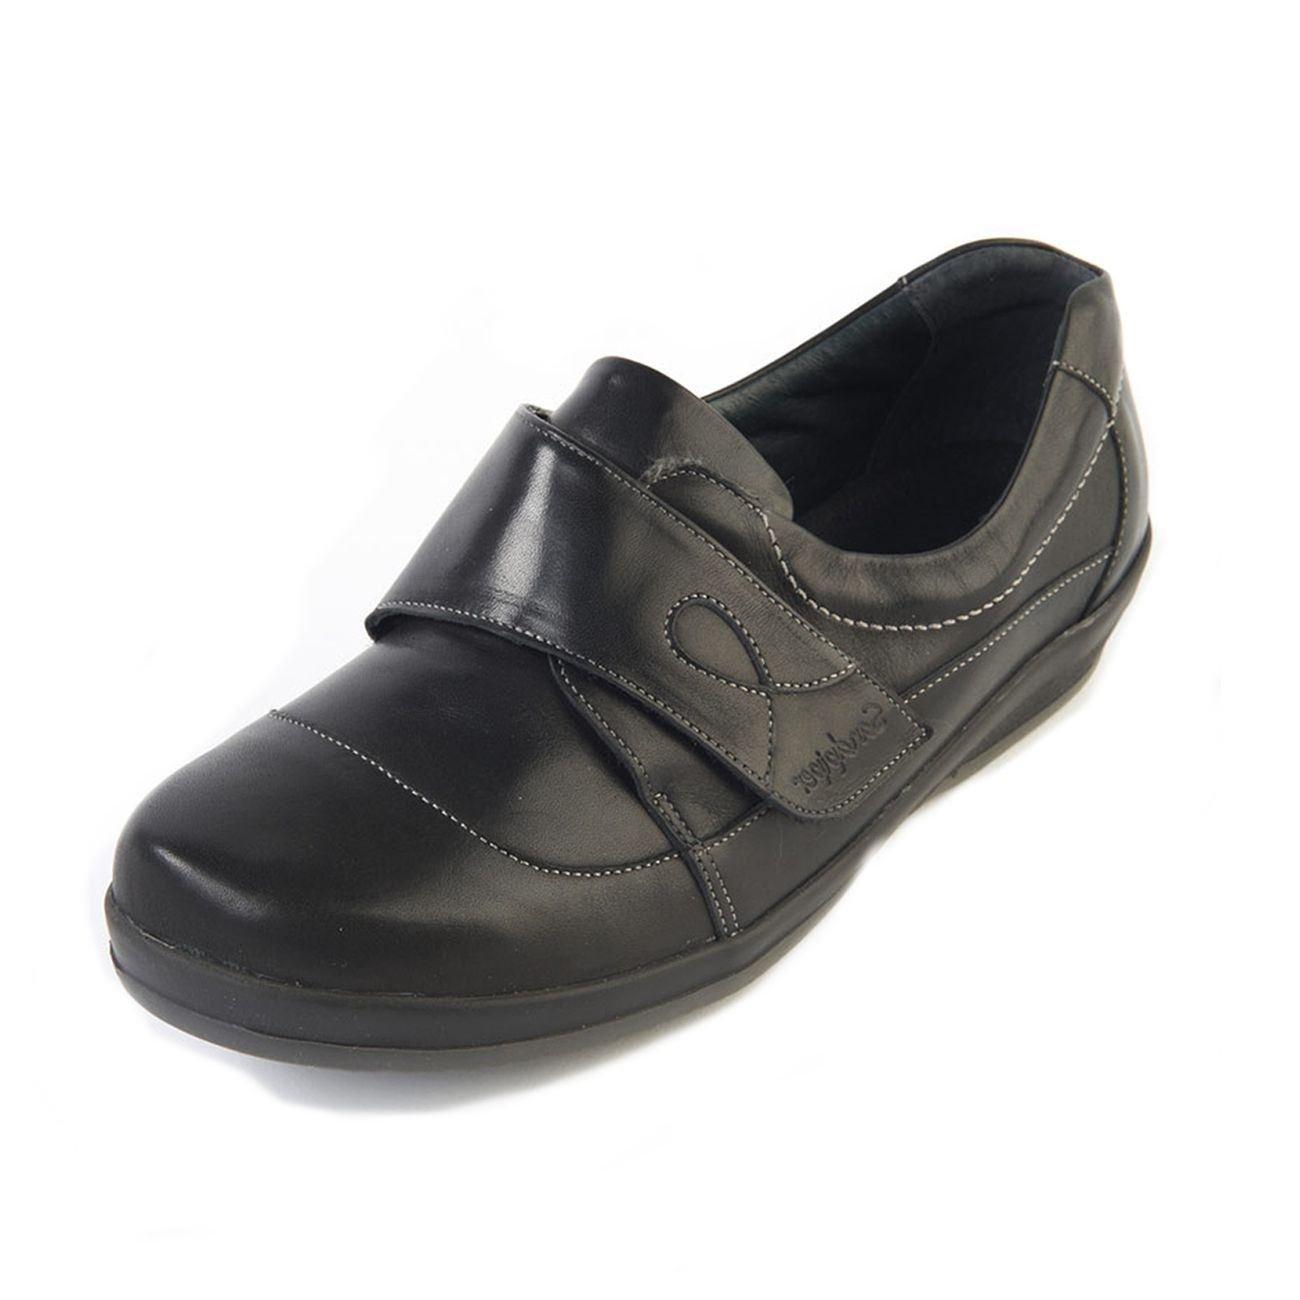 5a1d46611b9 Sandpiper Women s Shoe  Farden